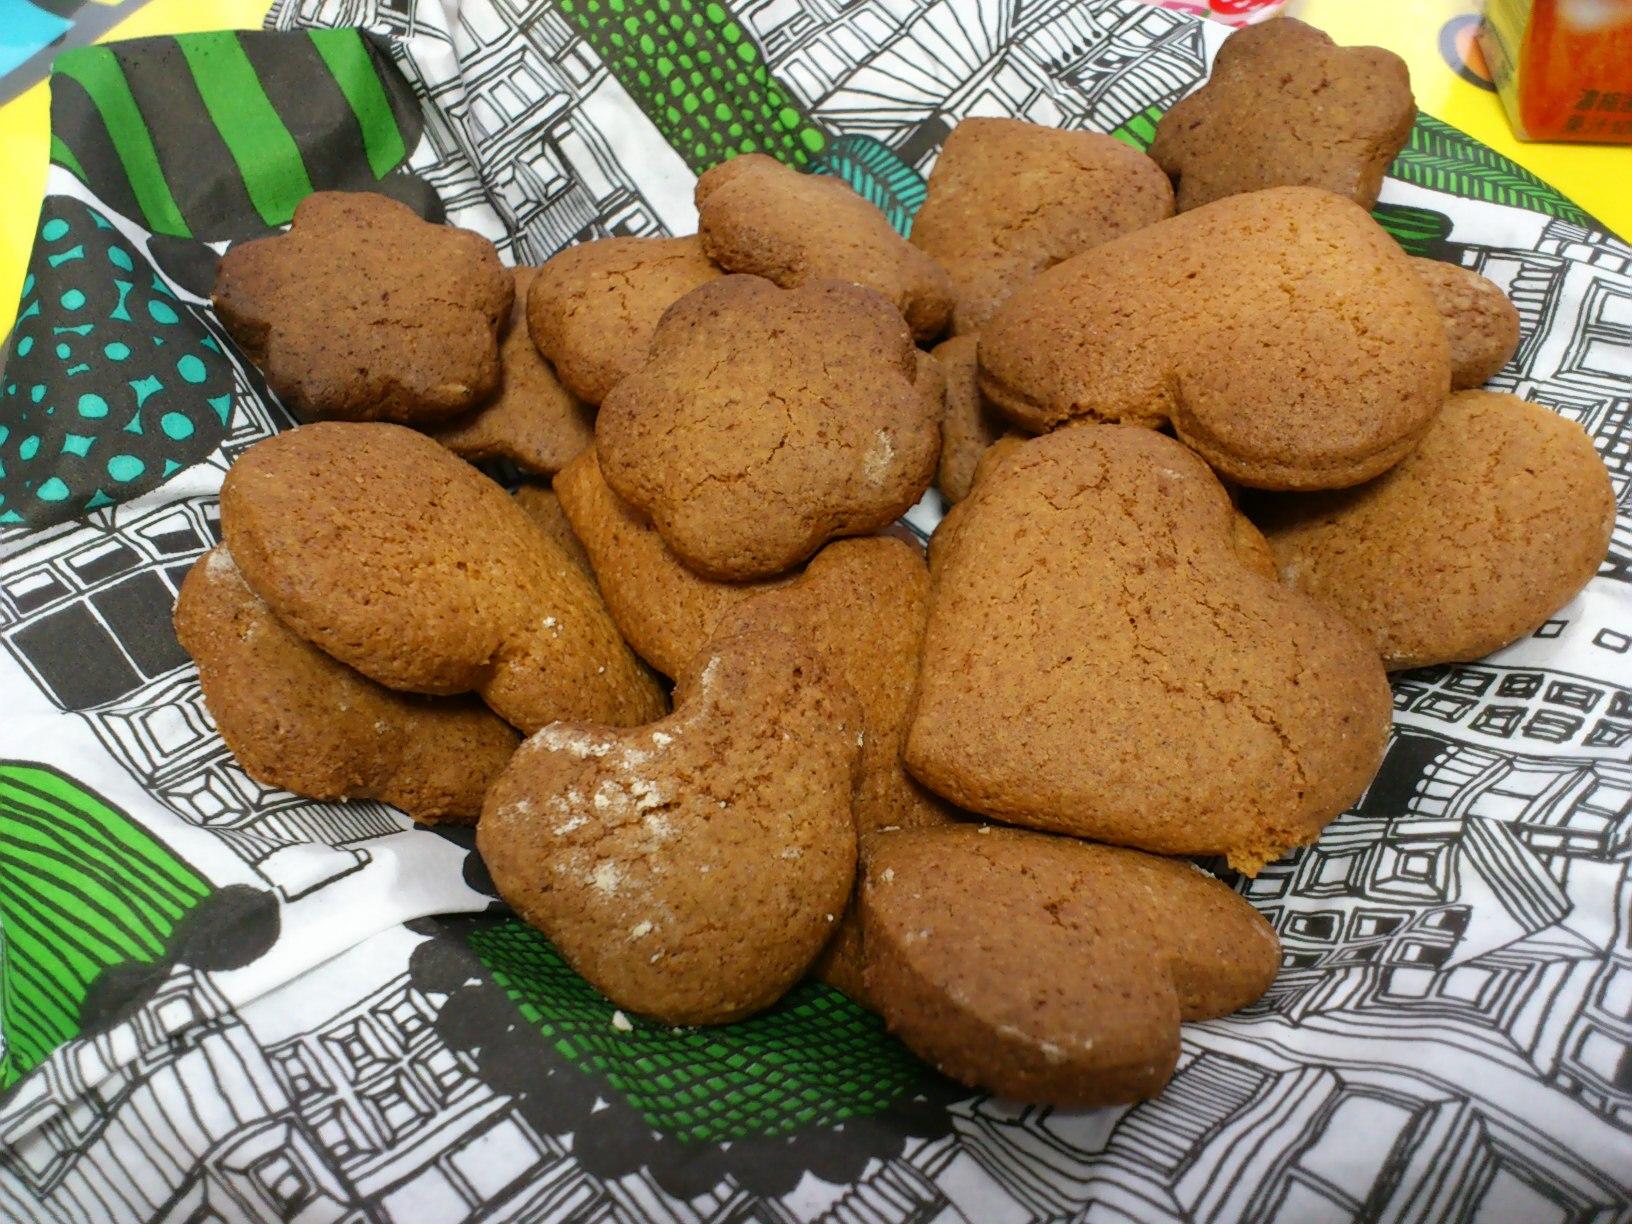 クッキー作りました